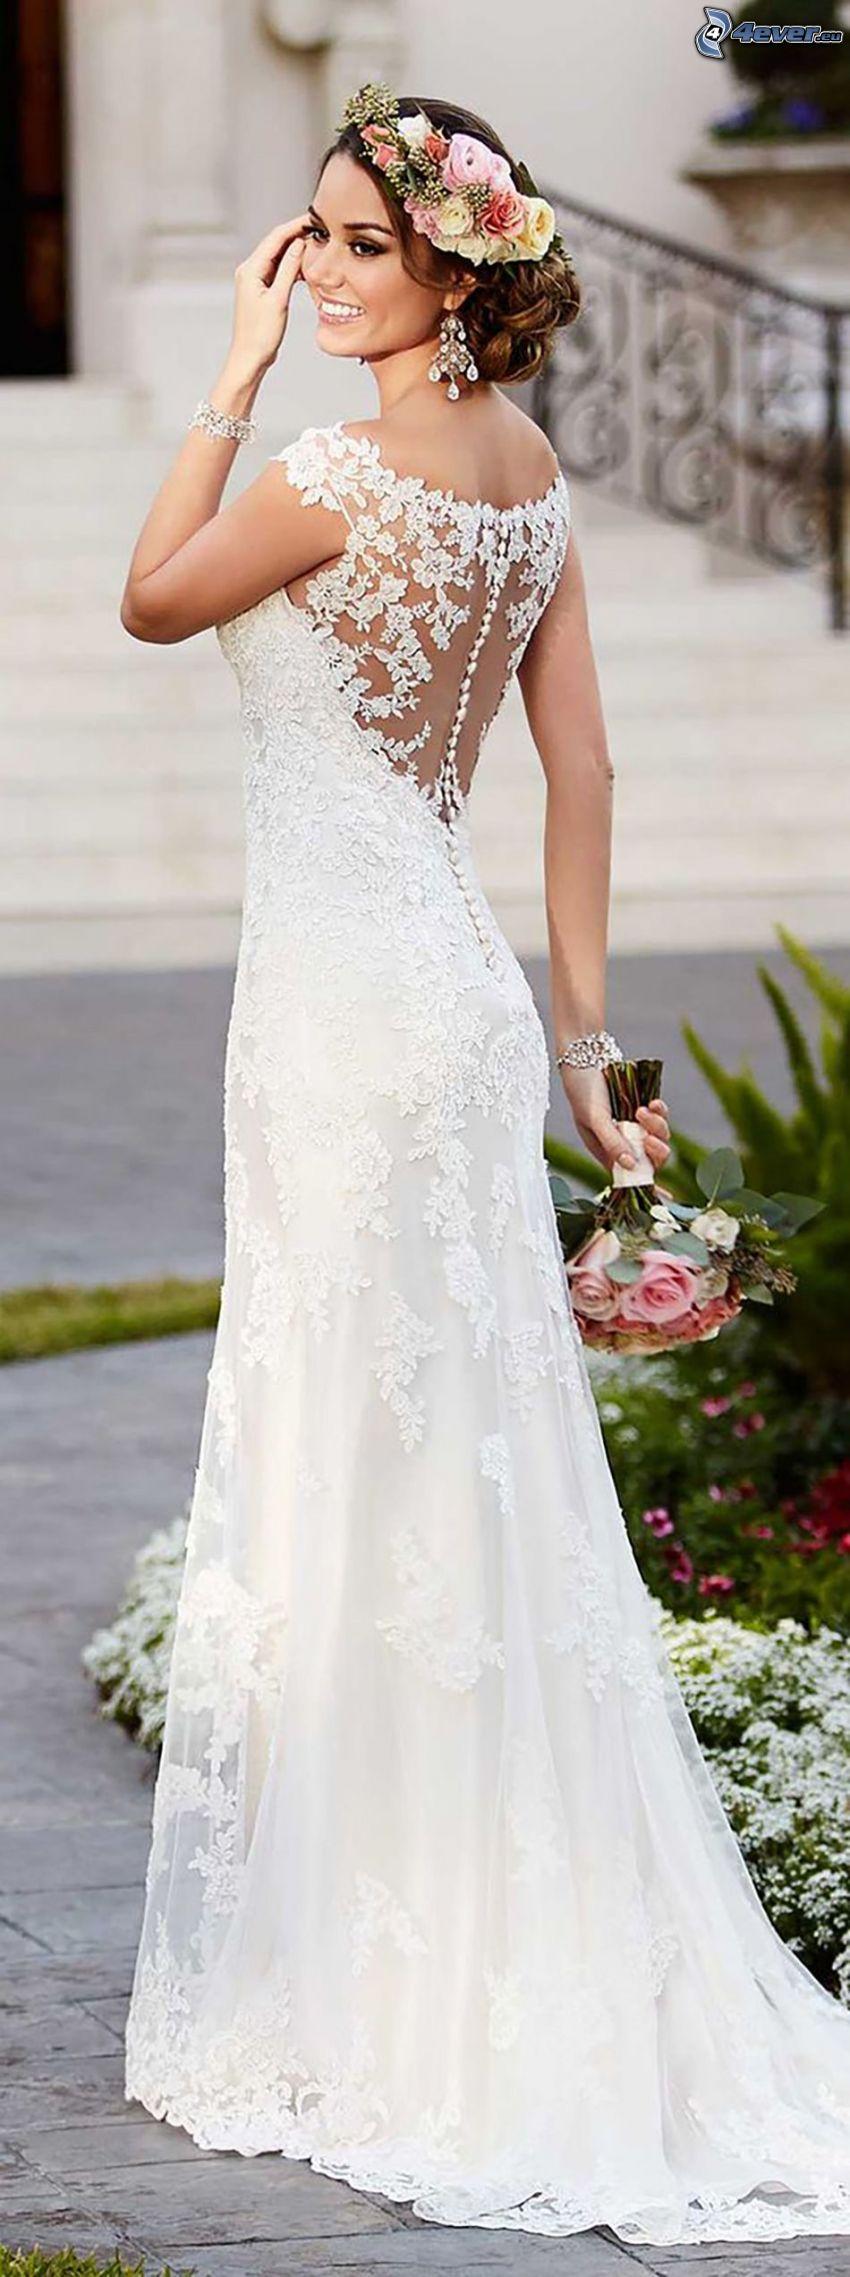 vestido de novia, novia, ramo de la boda, diadema